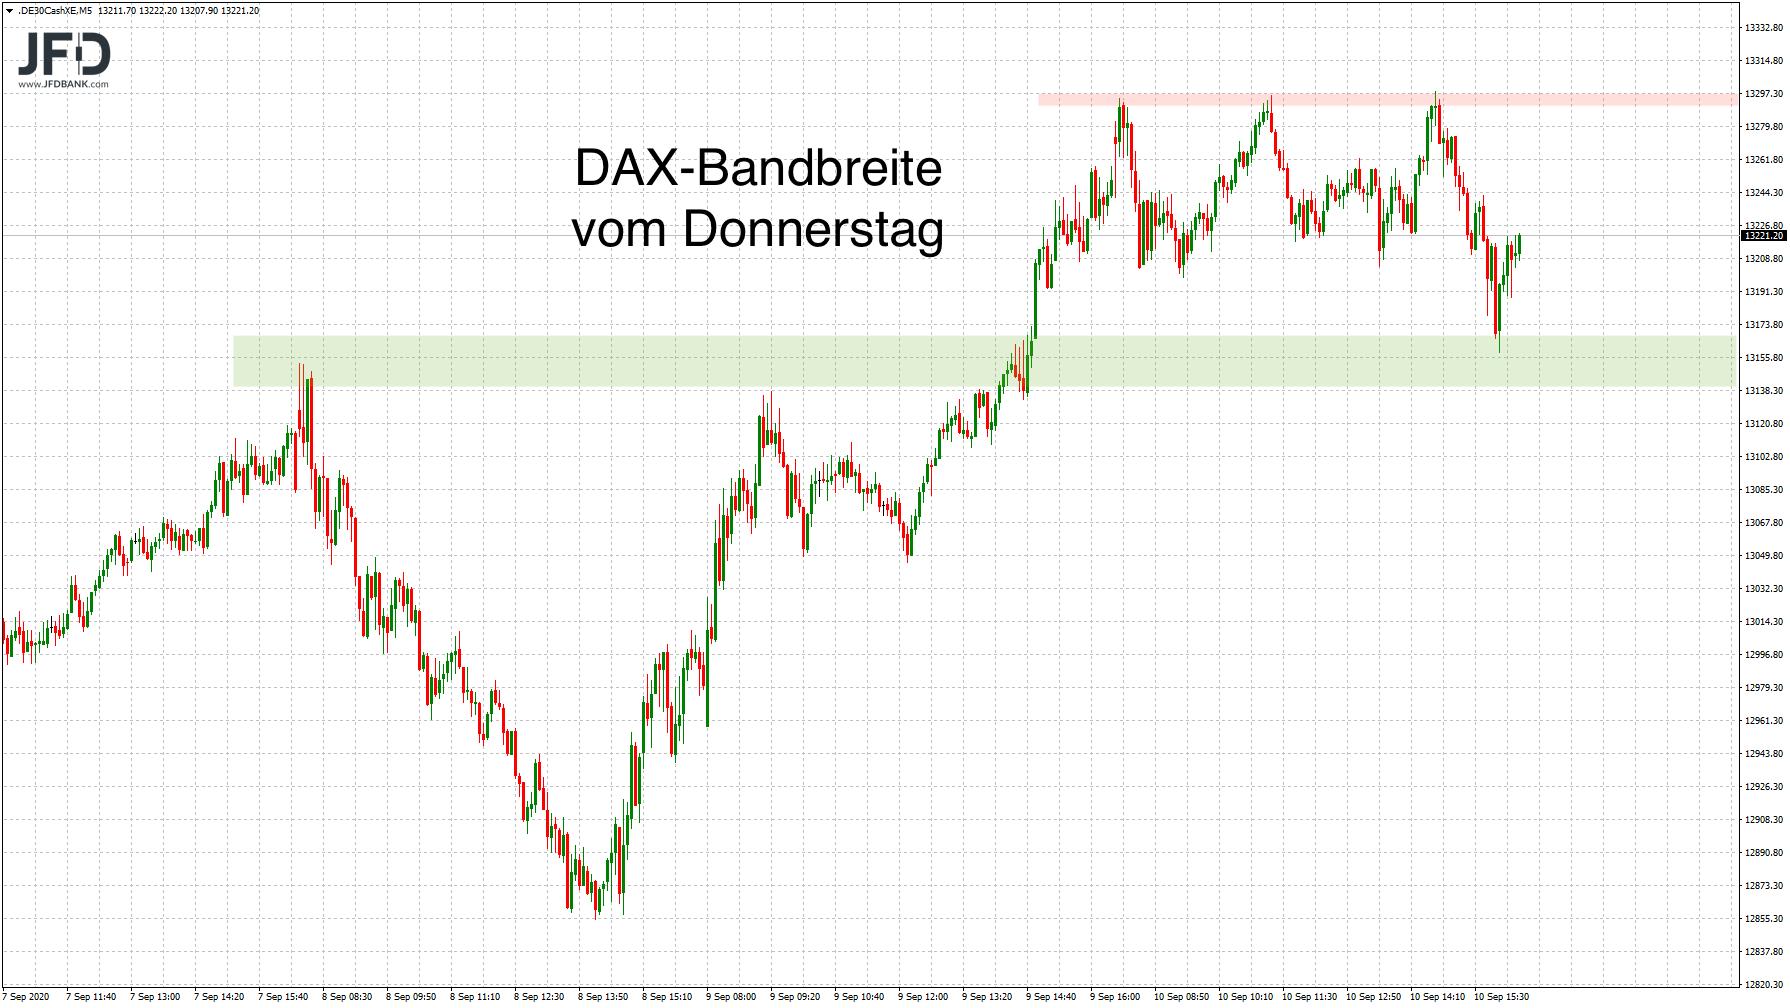 Keine-starke-Vola-am-EZB-Tag-Kommentar-JFD-Bank-GodmodeTrader.de-1